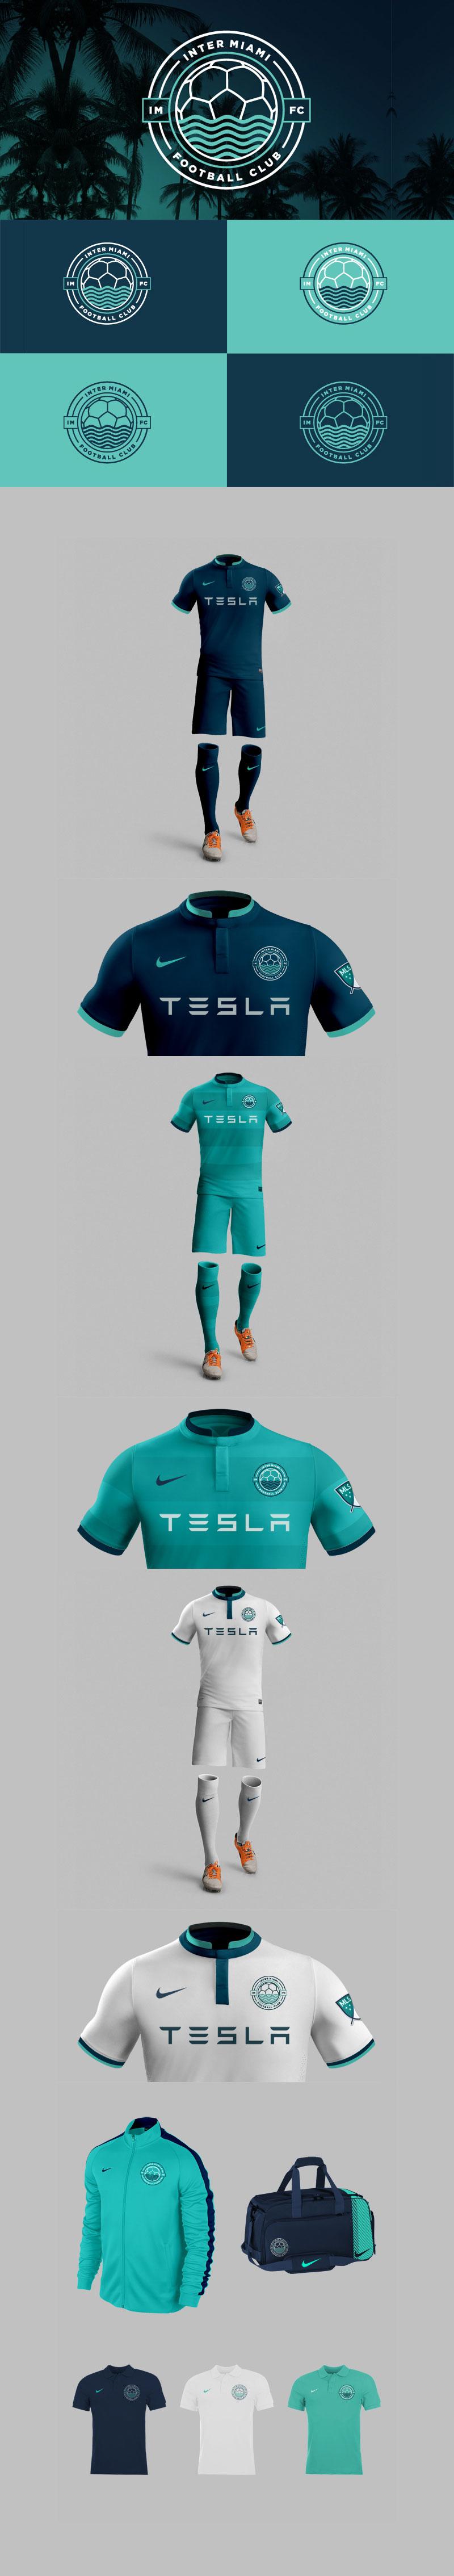 Diseños de la marca del club de fútbol: Miami MLS Team por Diego Guevara